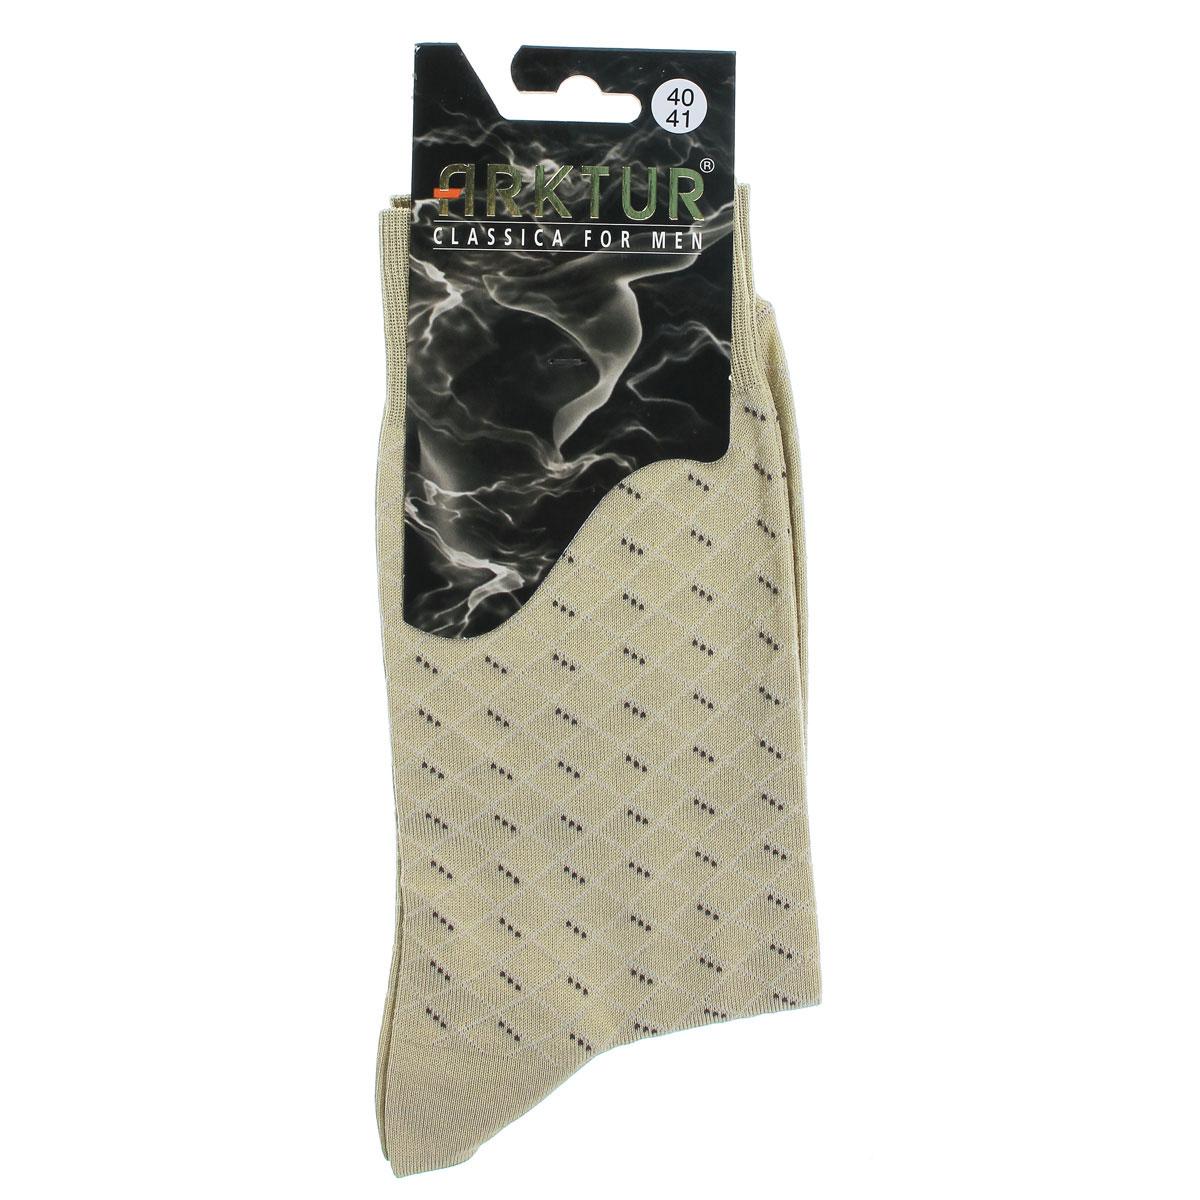 Л161_23Мужские носки Arktur престижного класса. Носки превосходного качества из мерсеризованного хлопка отличаются гладкой текстурой и шелковистостью, что создает приятное ощущение нежности и прохлады. Эргономичная резинка пресс-контроль комфортно облегает ногу. Носки обладают повышенной прочностью, не подвержены усадке. Усиленная пятка и мысок. Удлиненный паголенок. Идеальное сочетание практичности, комфорта и элегантности!